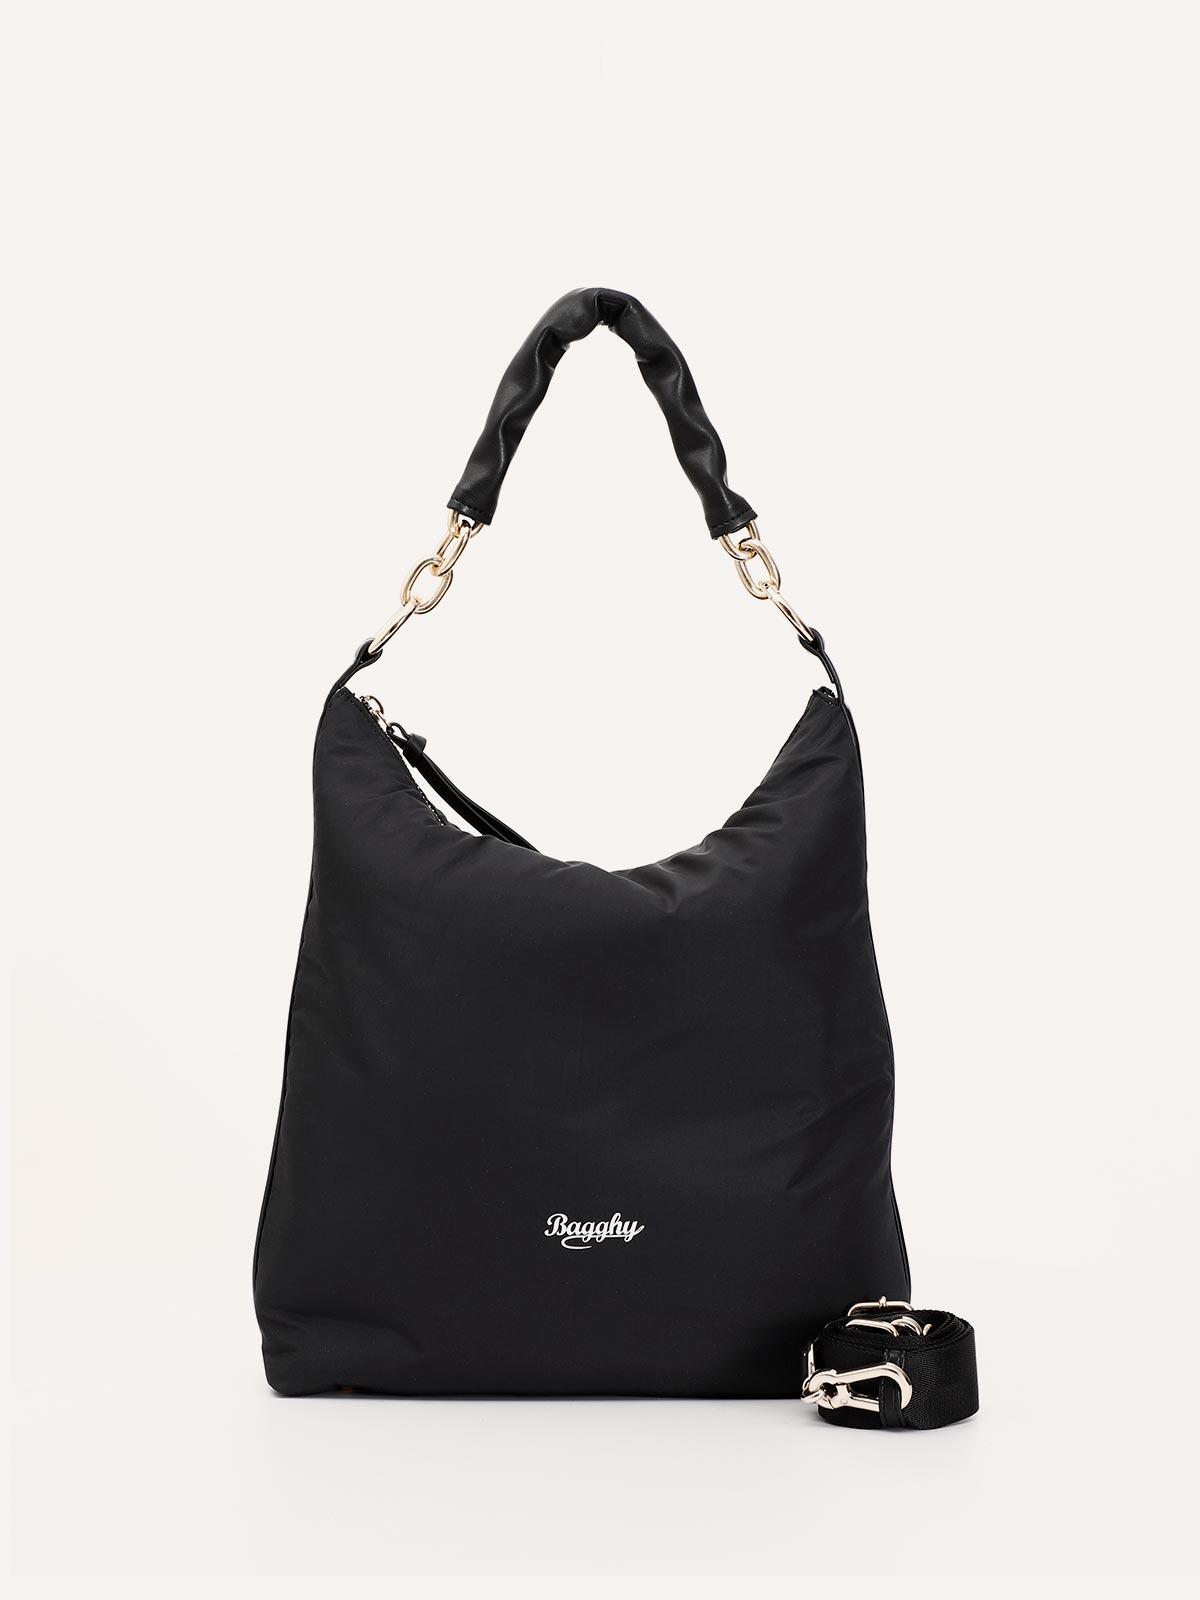 Borsa Bagghy Bag nera nuova Collezione